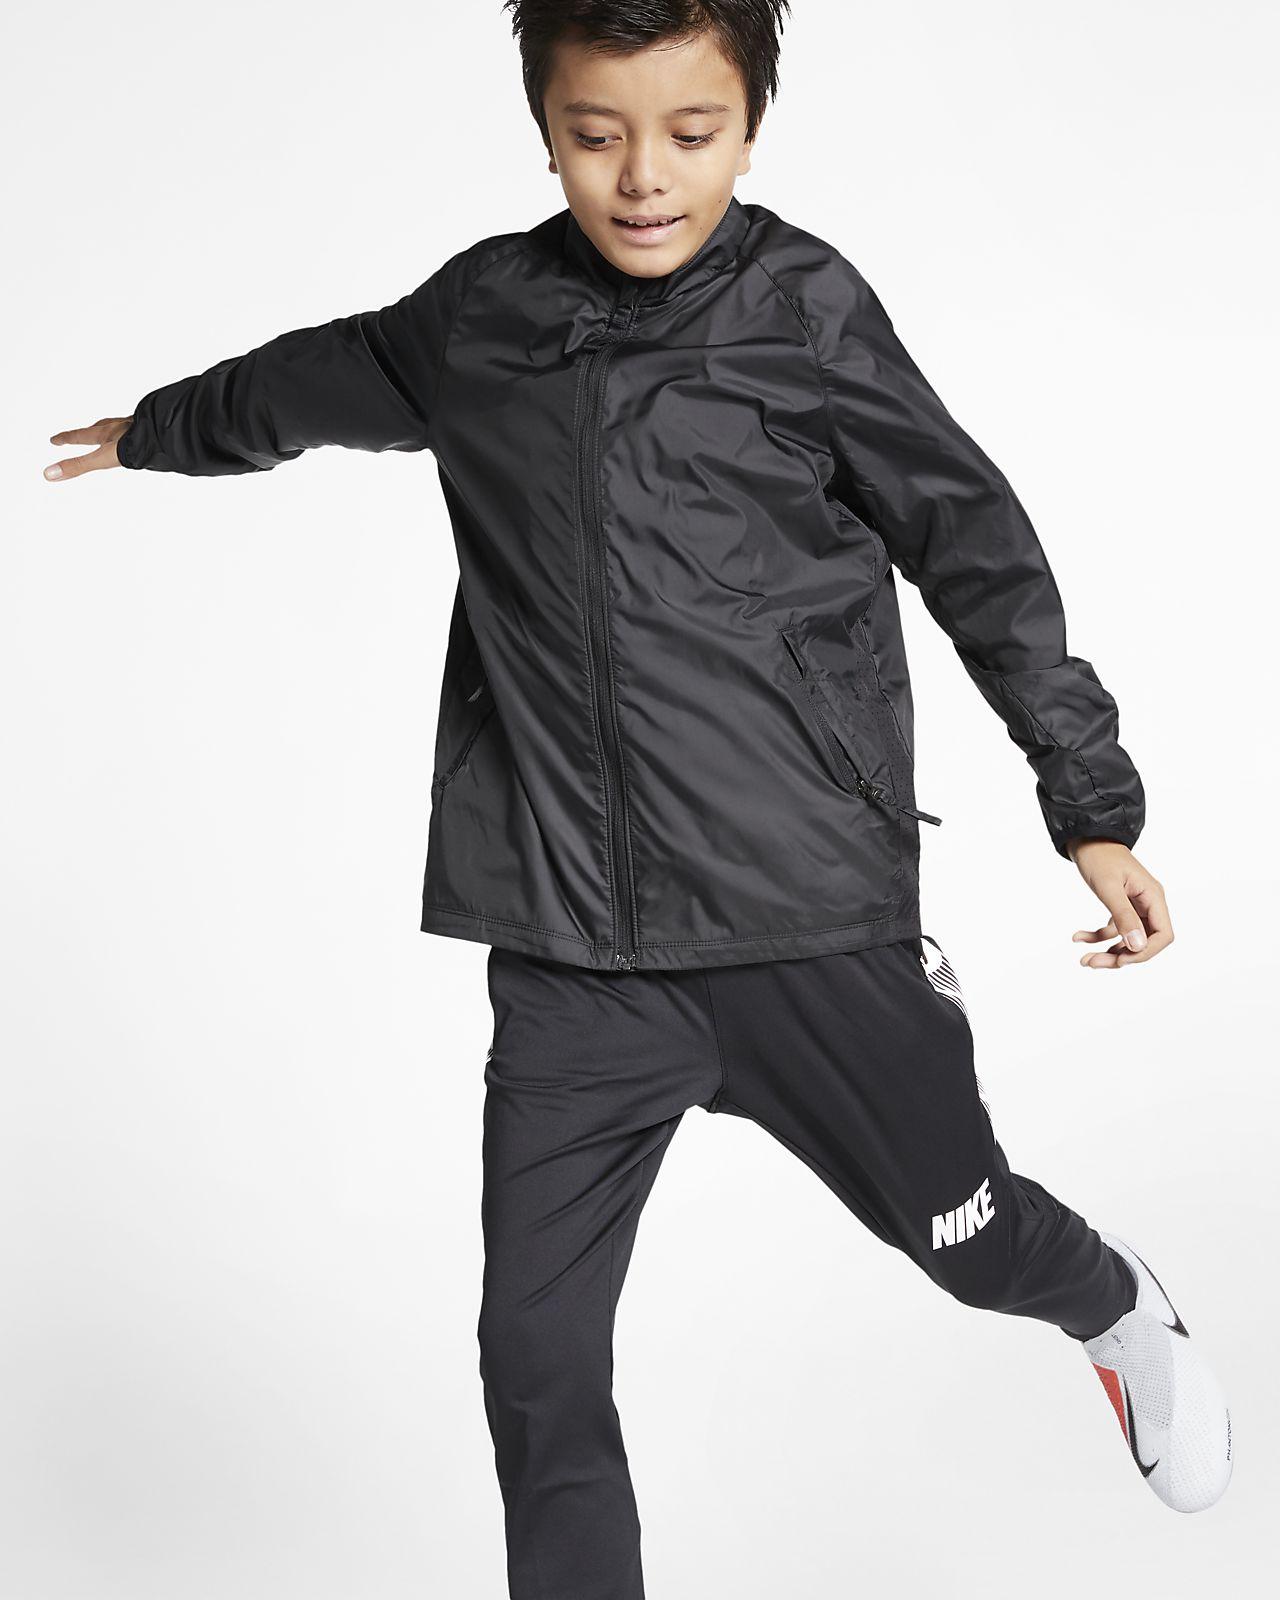 Nike Academy Jaqueta de futbol - Nen/a